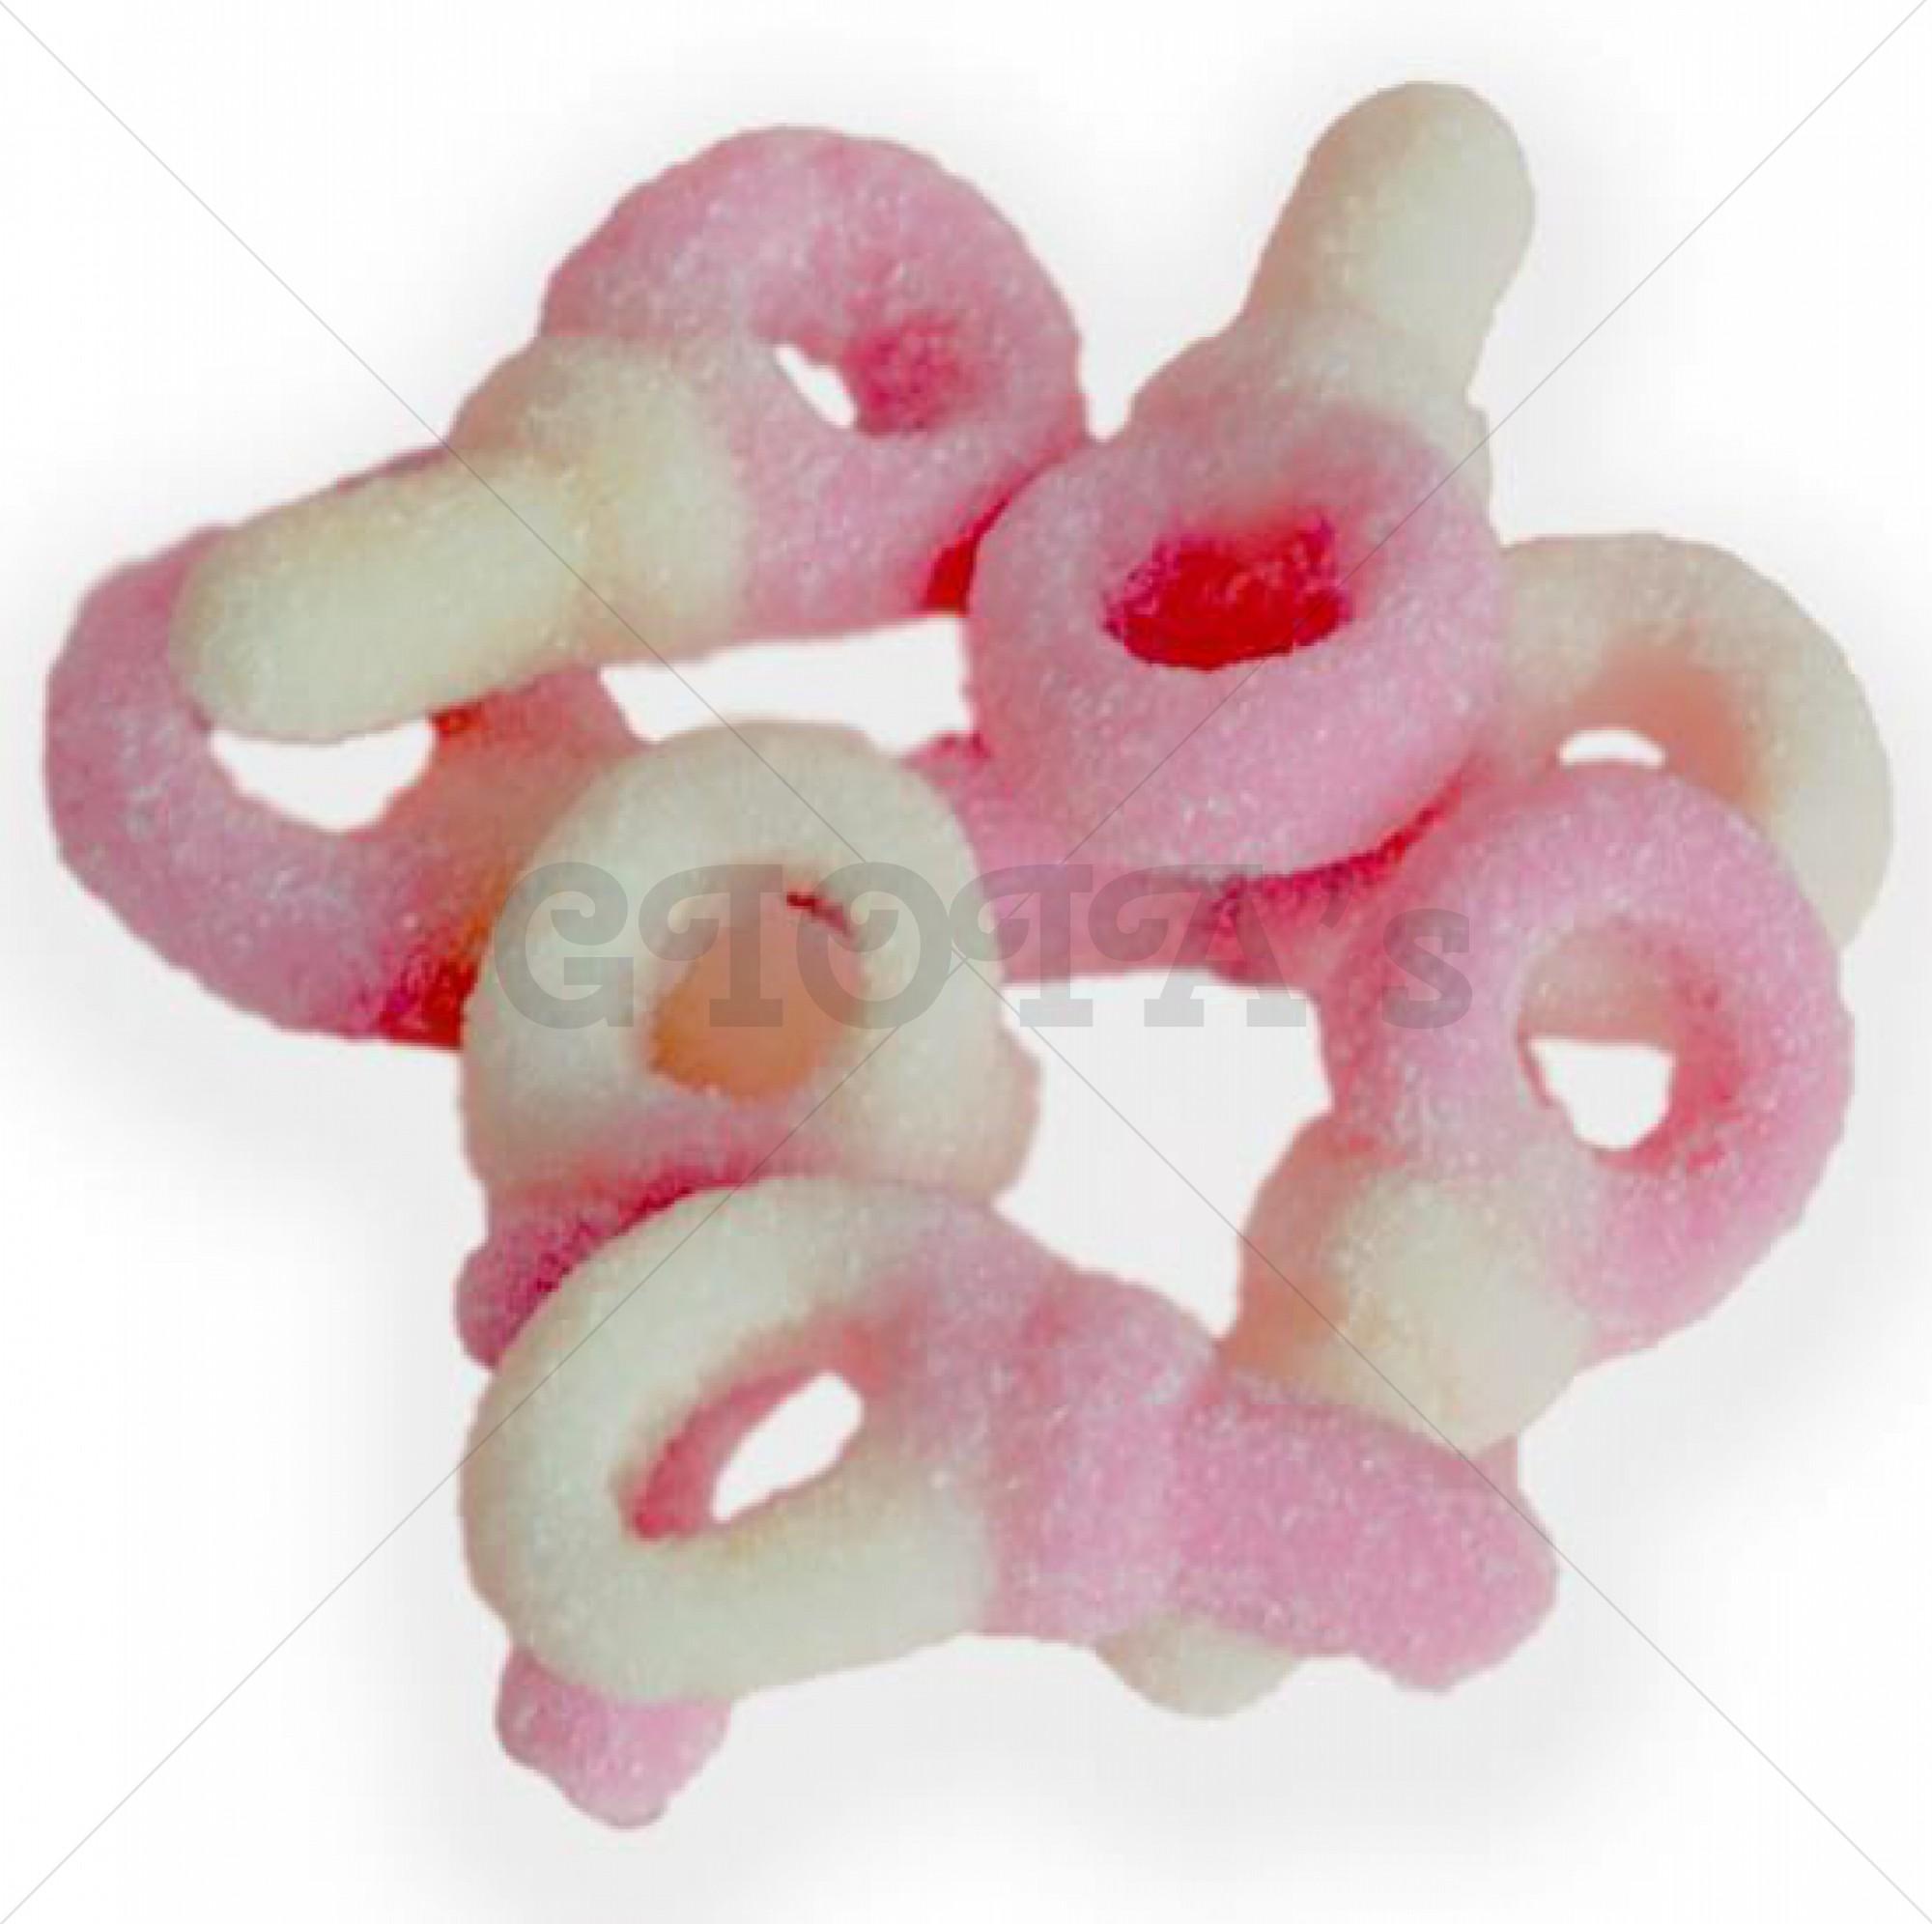 Themasnoep - Speentjes roze/wit (gesuikerd) per stuk